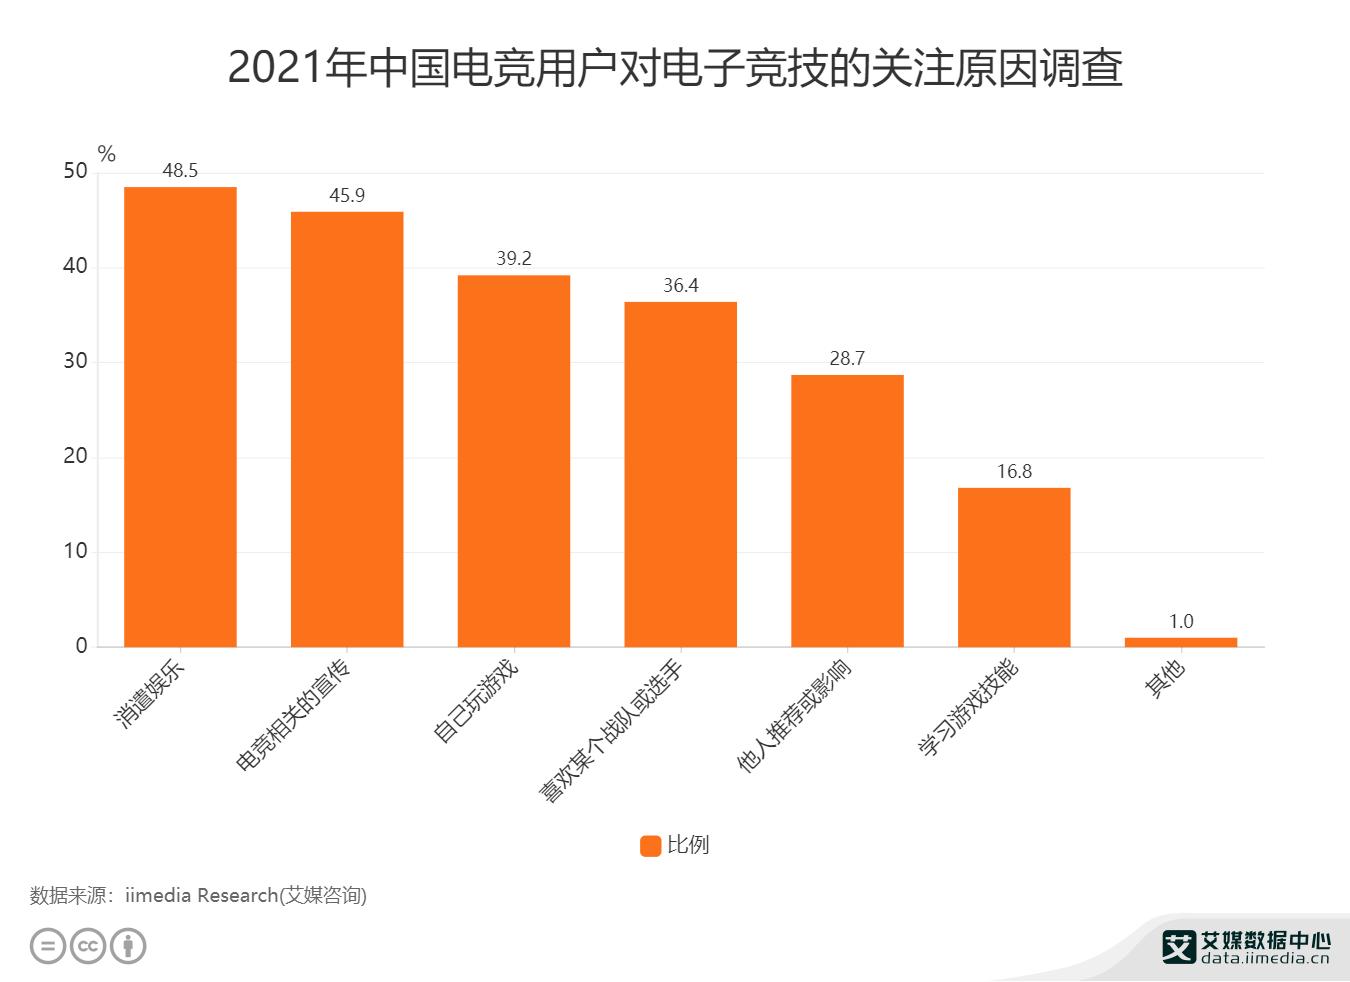 2021年中国电竞用户对电子竞技的关注原因调查.png